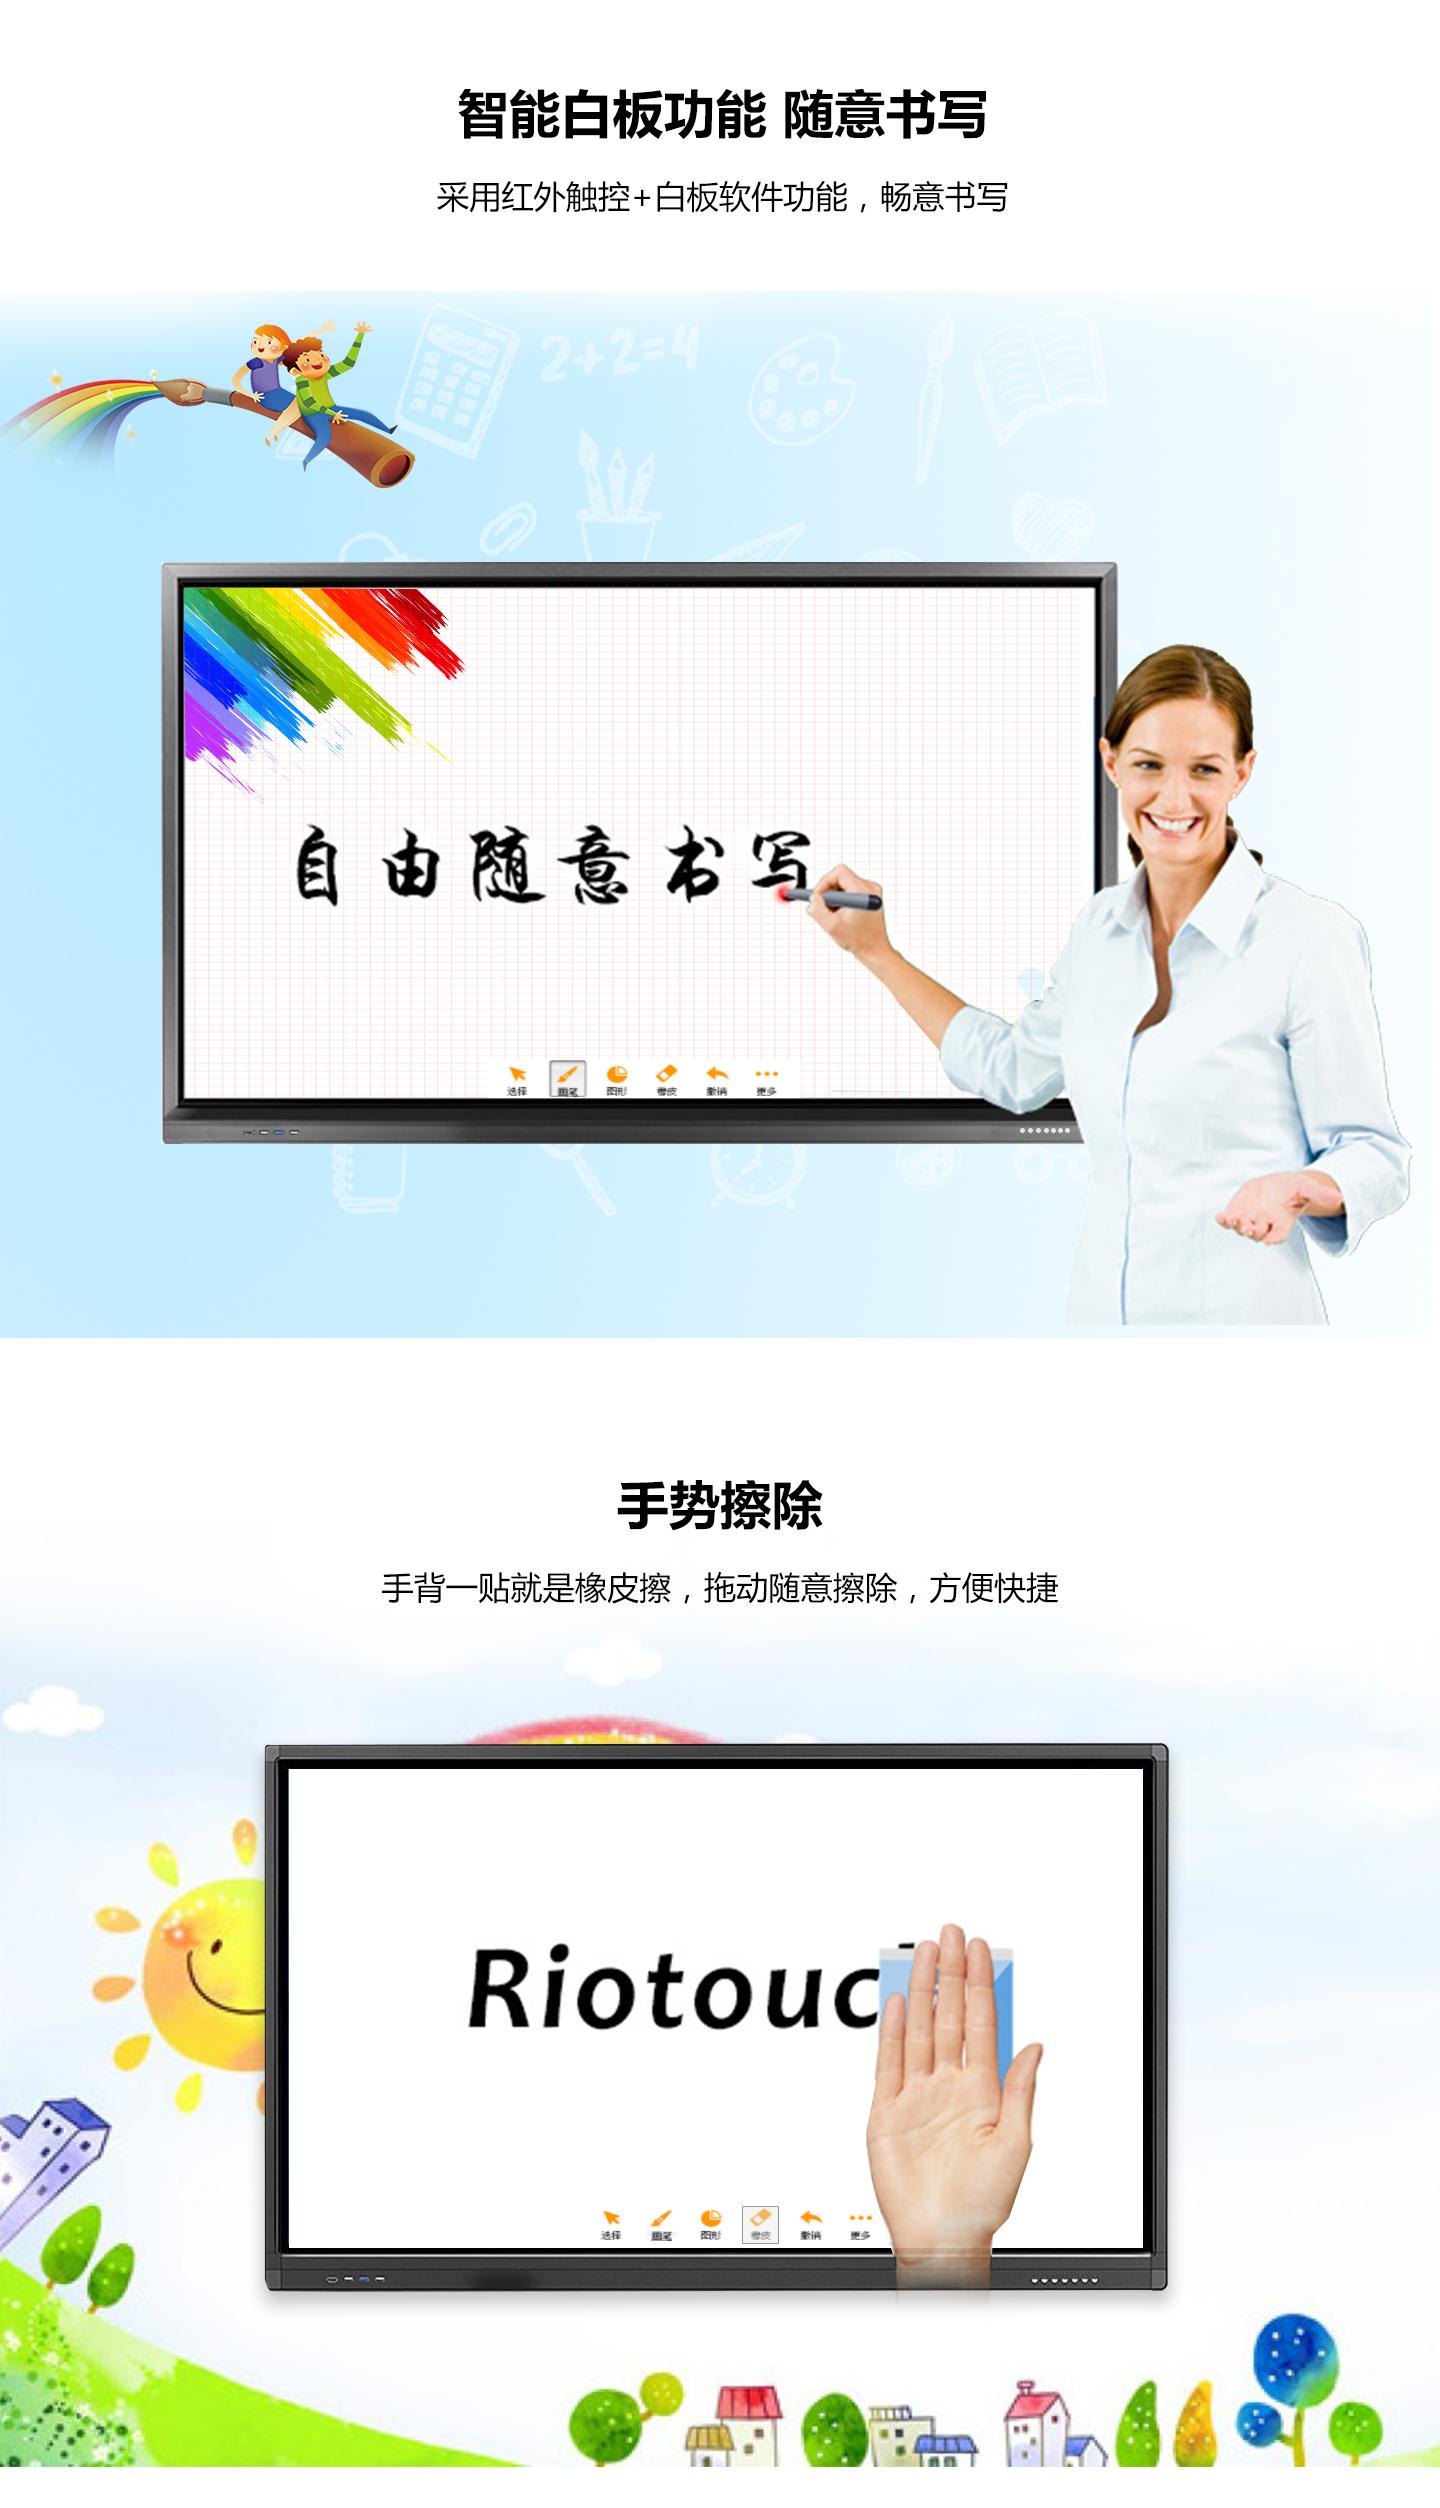 教學交互智能平板_03.jpg